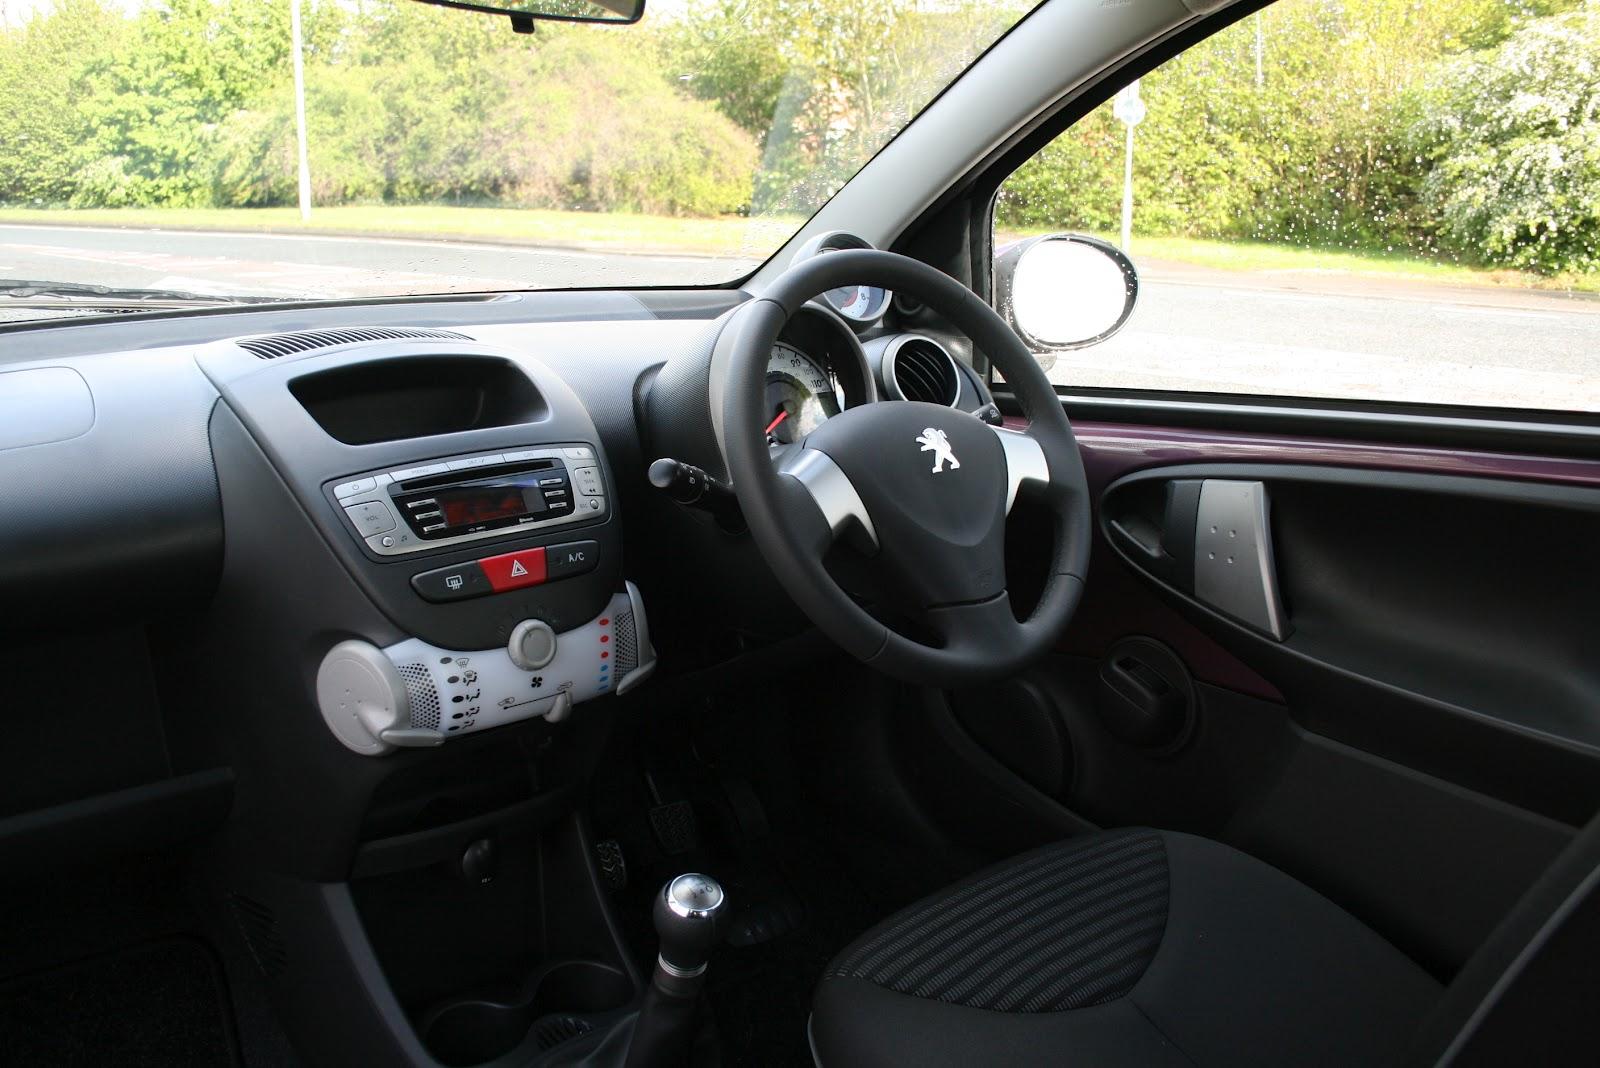 robmcsorleyoncars 2012 peugeot 107 full road test. Black Bedroom Furniture Sets. Home Design Ideas